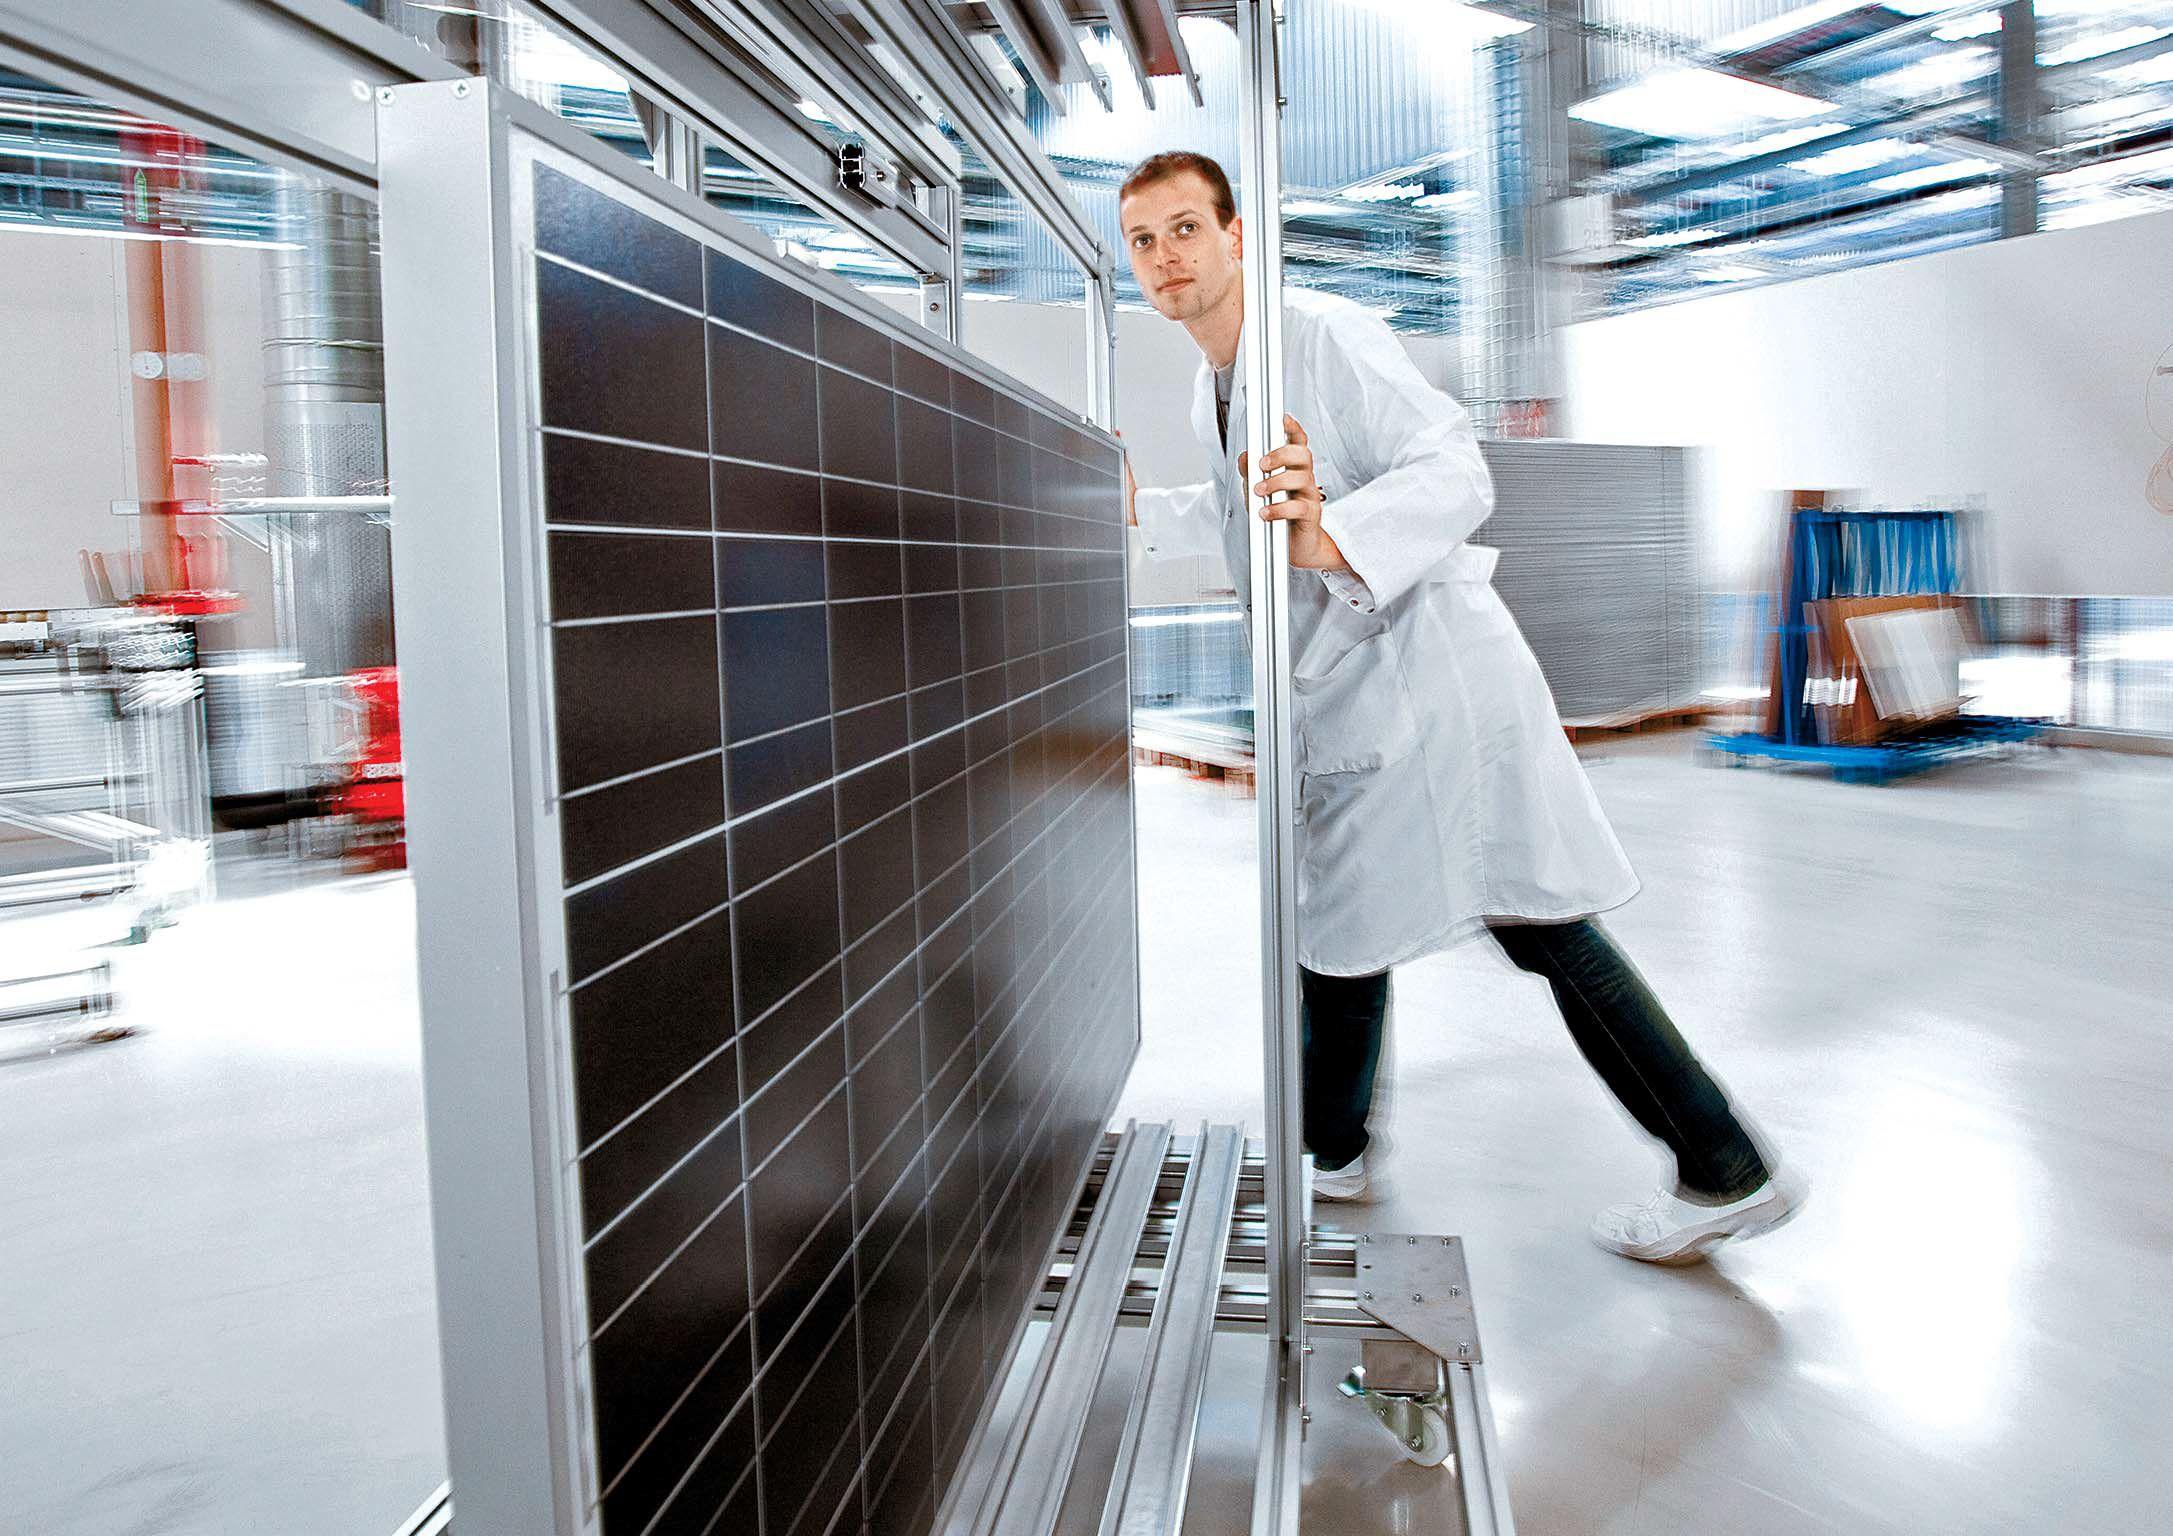 태양광 셀 생산규모 기준 세계 1위의 기업인 한화큐셀은 올해 매출 목표 3조원, 영업이익 10%를 무난히 달성할 것으로 전망된다. 독일 라이프치히 인근 탈하임에 있는 한화큐셀 글로벌 연구개발(R&D센터)에서 연구원이 완성된 태양광 패널 시제품을 옮기고 있다. [사진 한화큐셀]